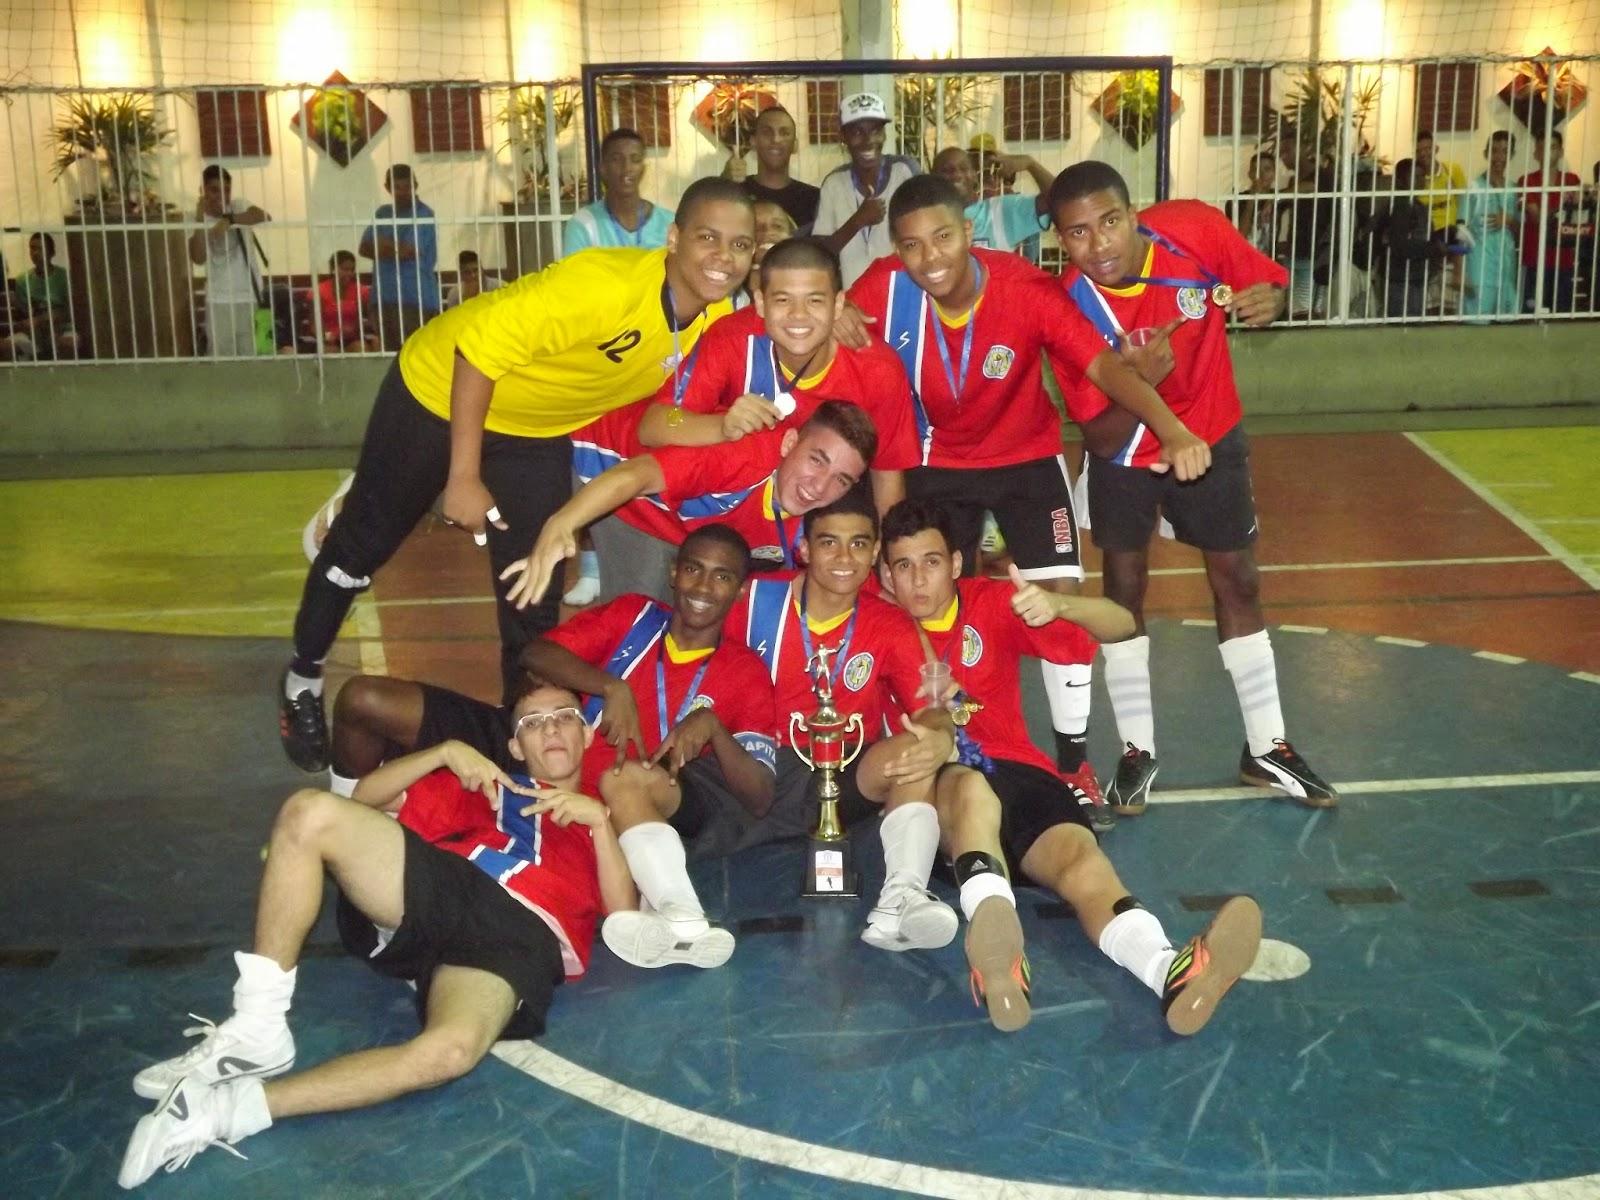 25e8dd01f4a9b Liga Gonçalense de Desportos divulga calendário de futsal da temporada